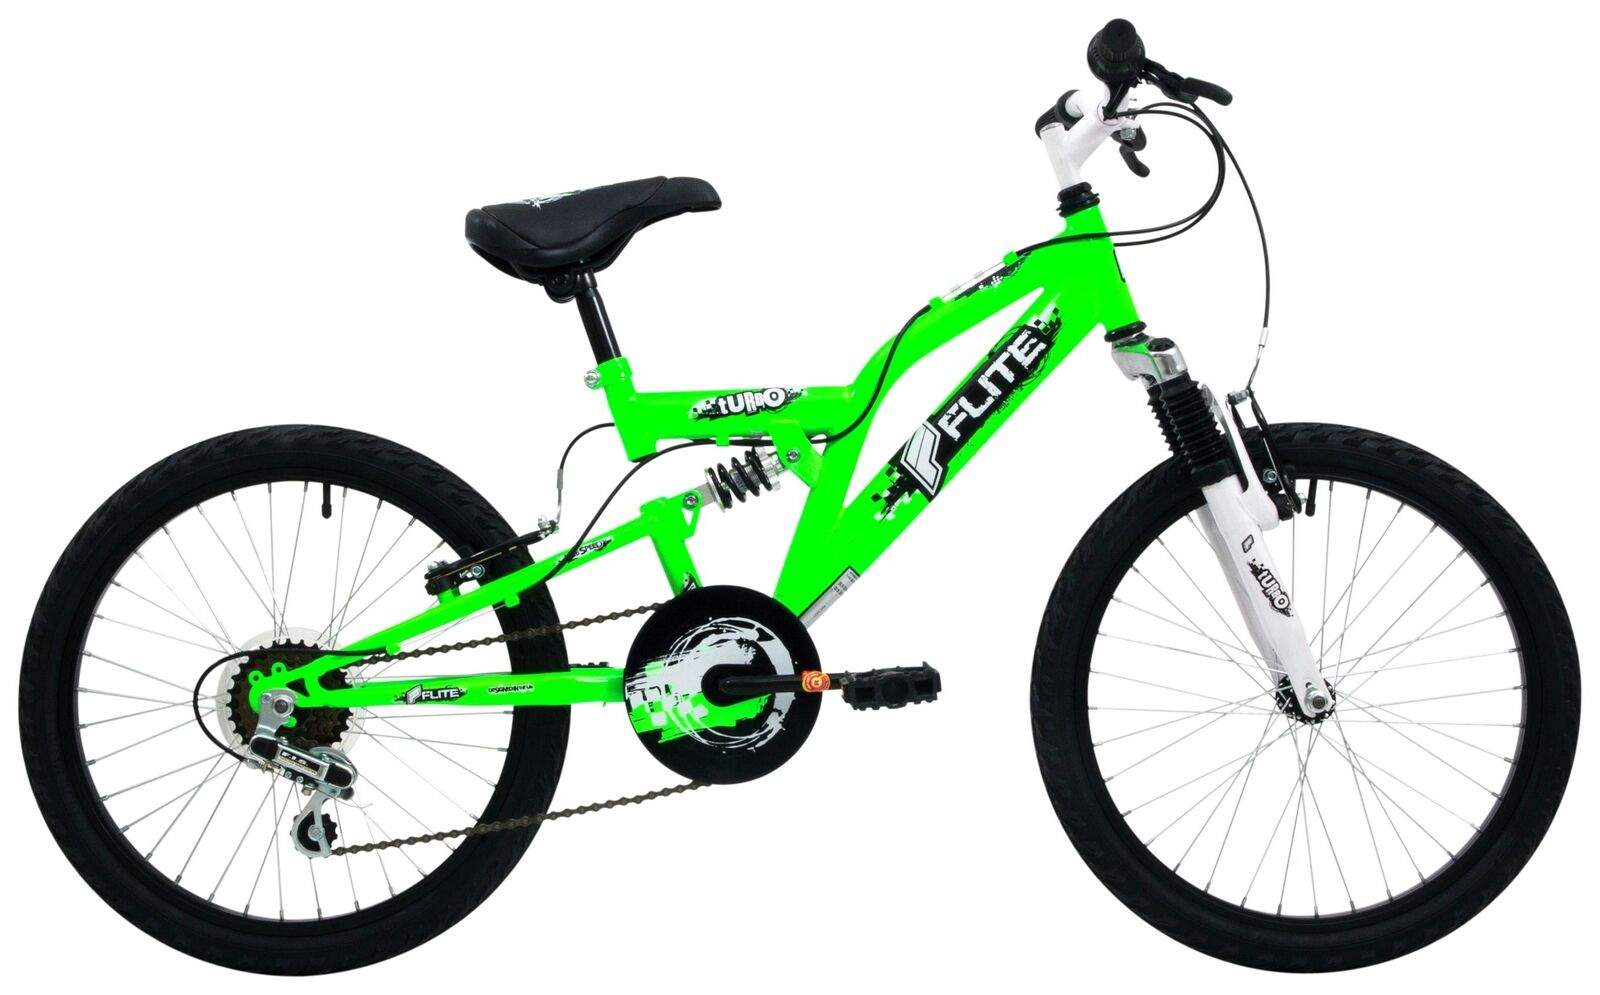 Flite Turbo 20 Inch Wheel Junior Full Suspension Mountain Bike - Boys